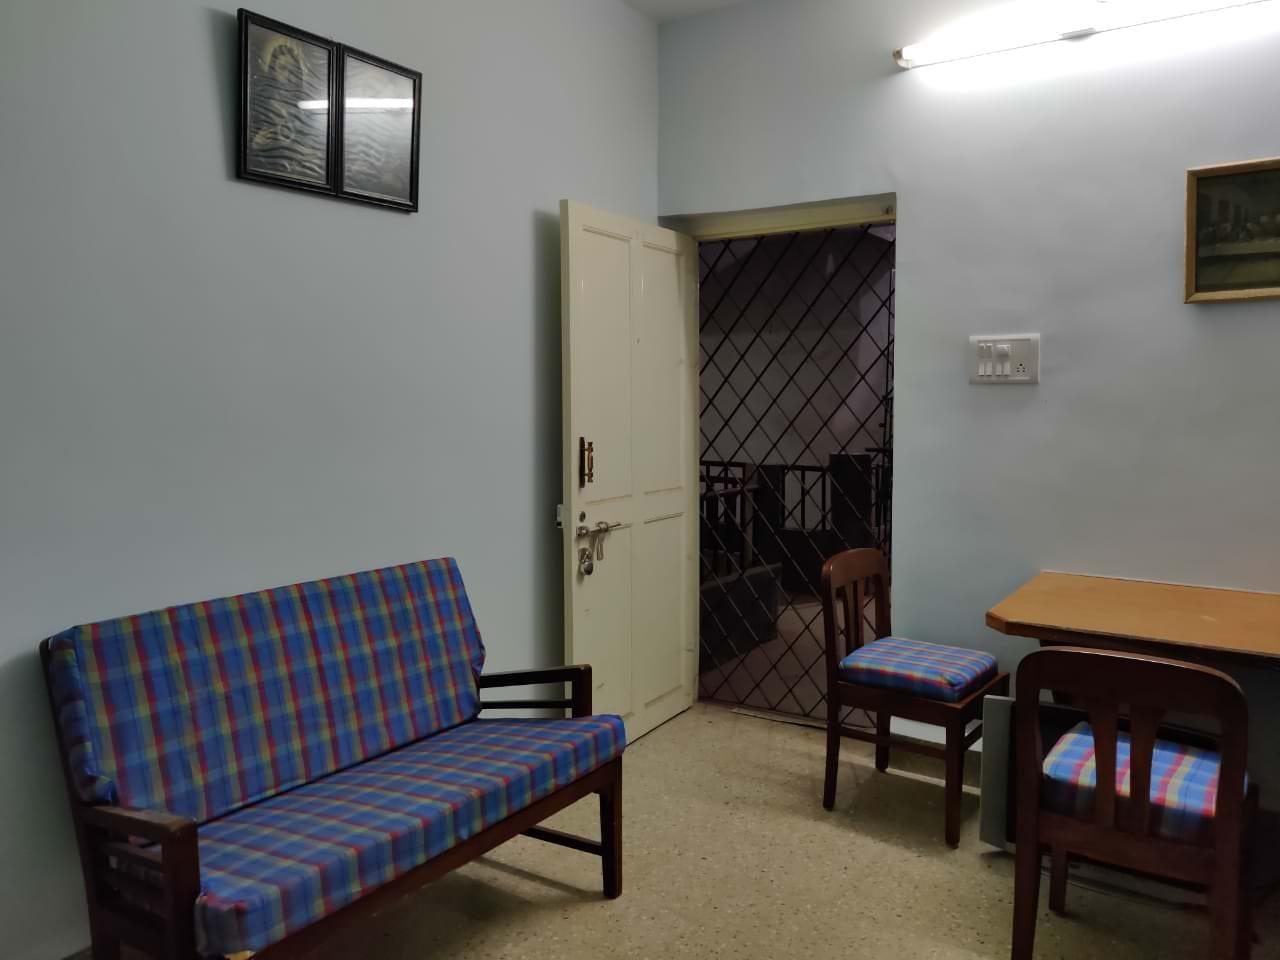 2bhk Apartment in Maria Rosa Phase I, Calangute 20000 per month